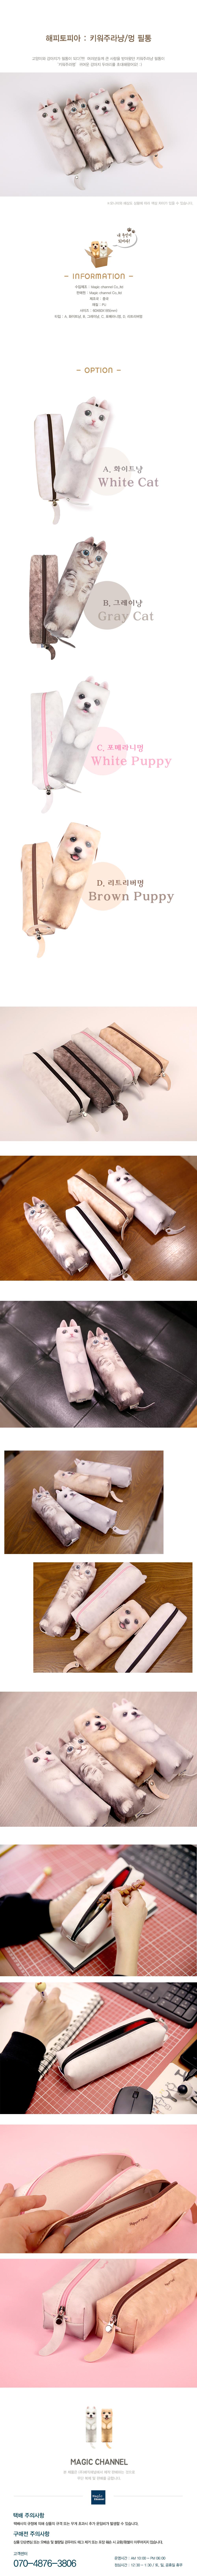 키워주라냥 키워주라멍 귀여운 강아지 고양이 필통 - 매직채널, 4,900원, 패브릭필통, 캐릭터